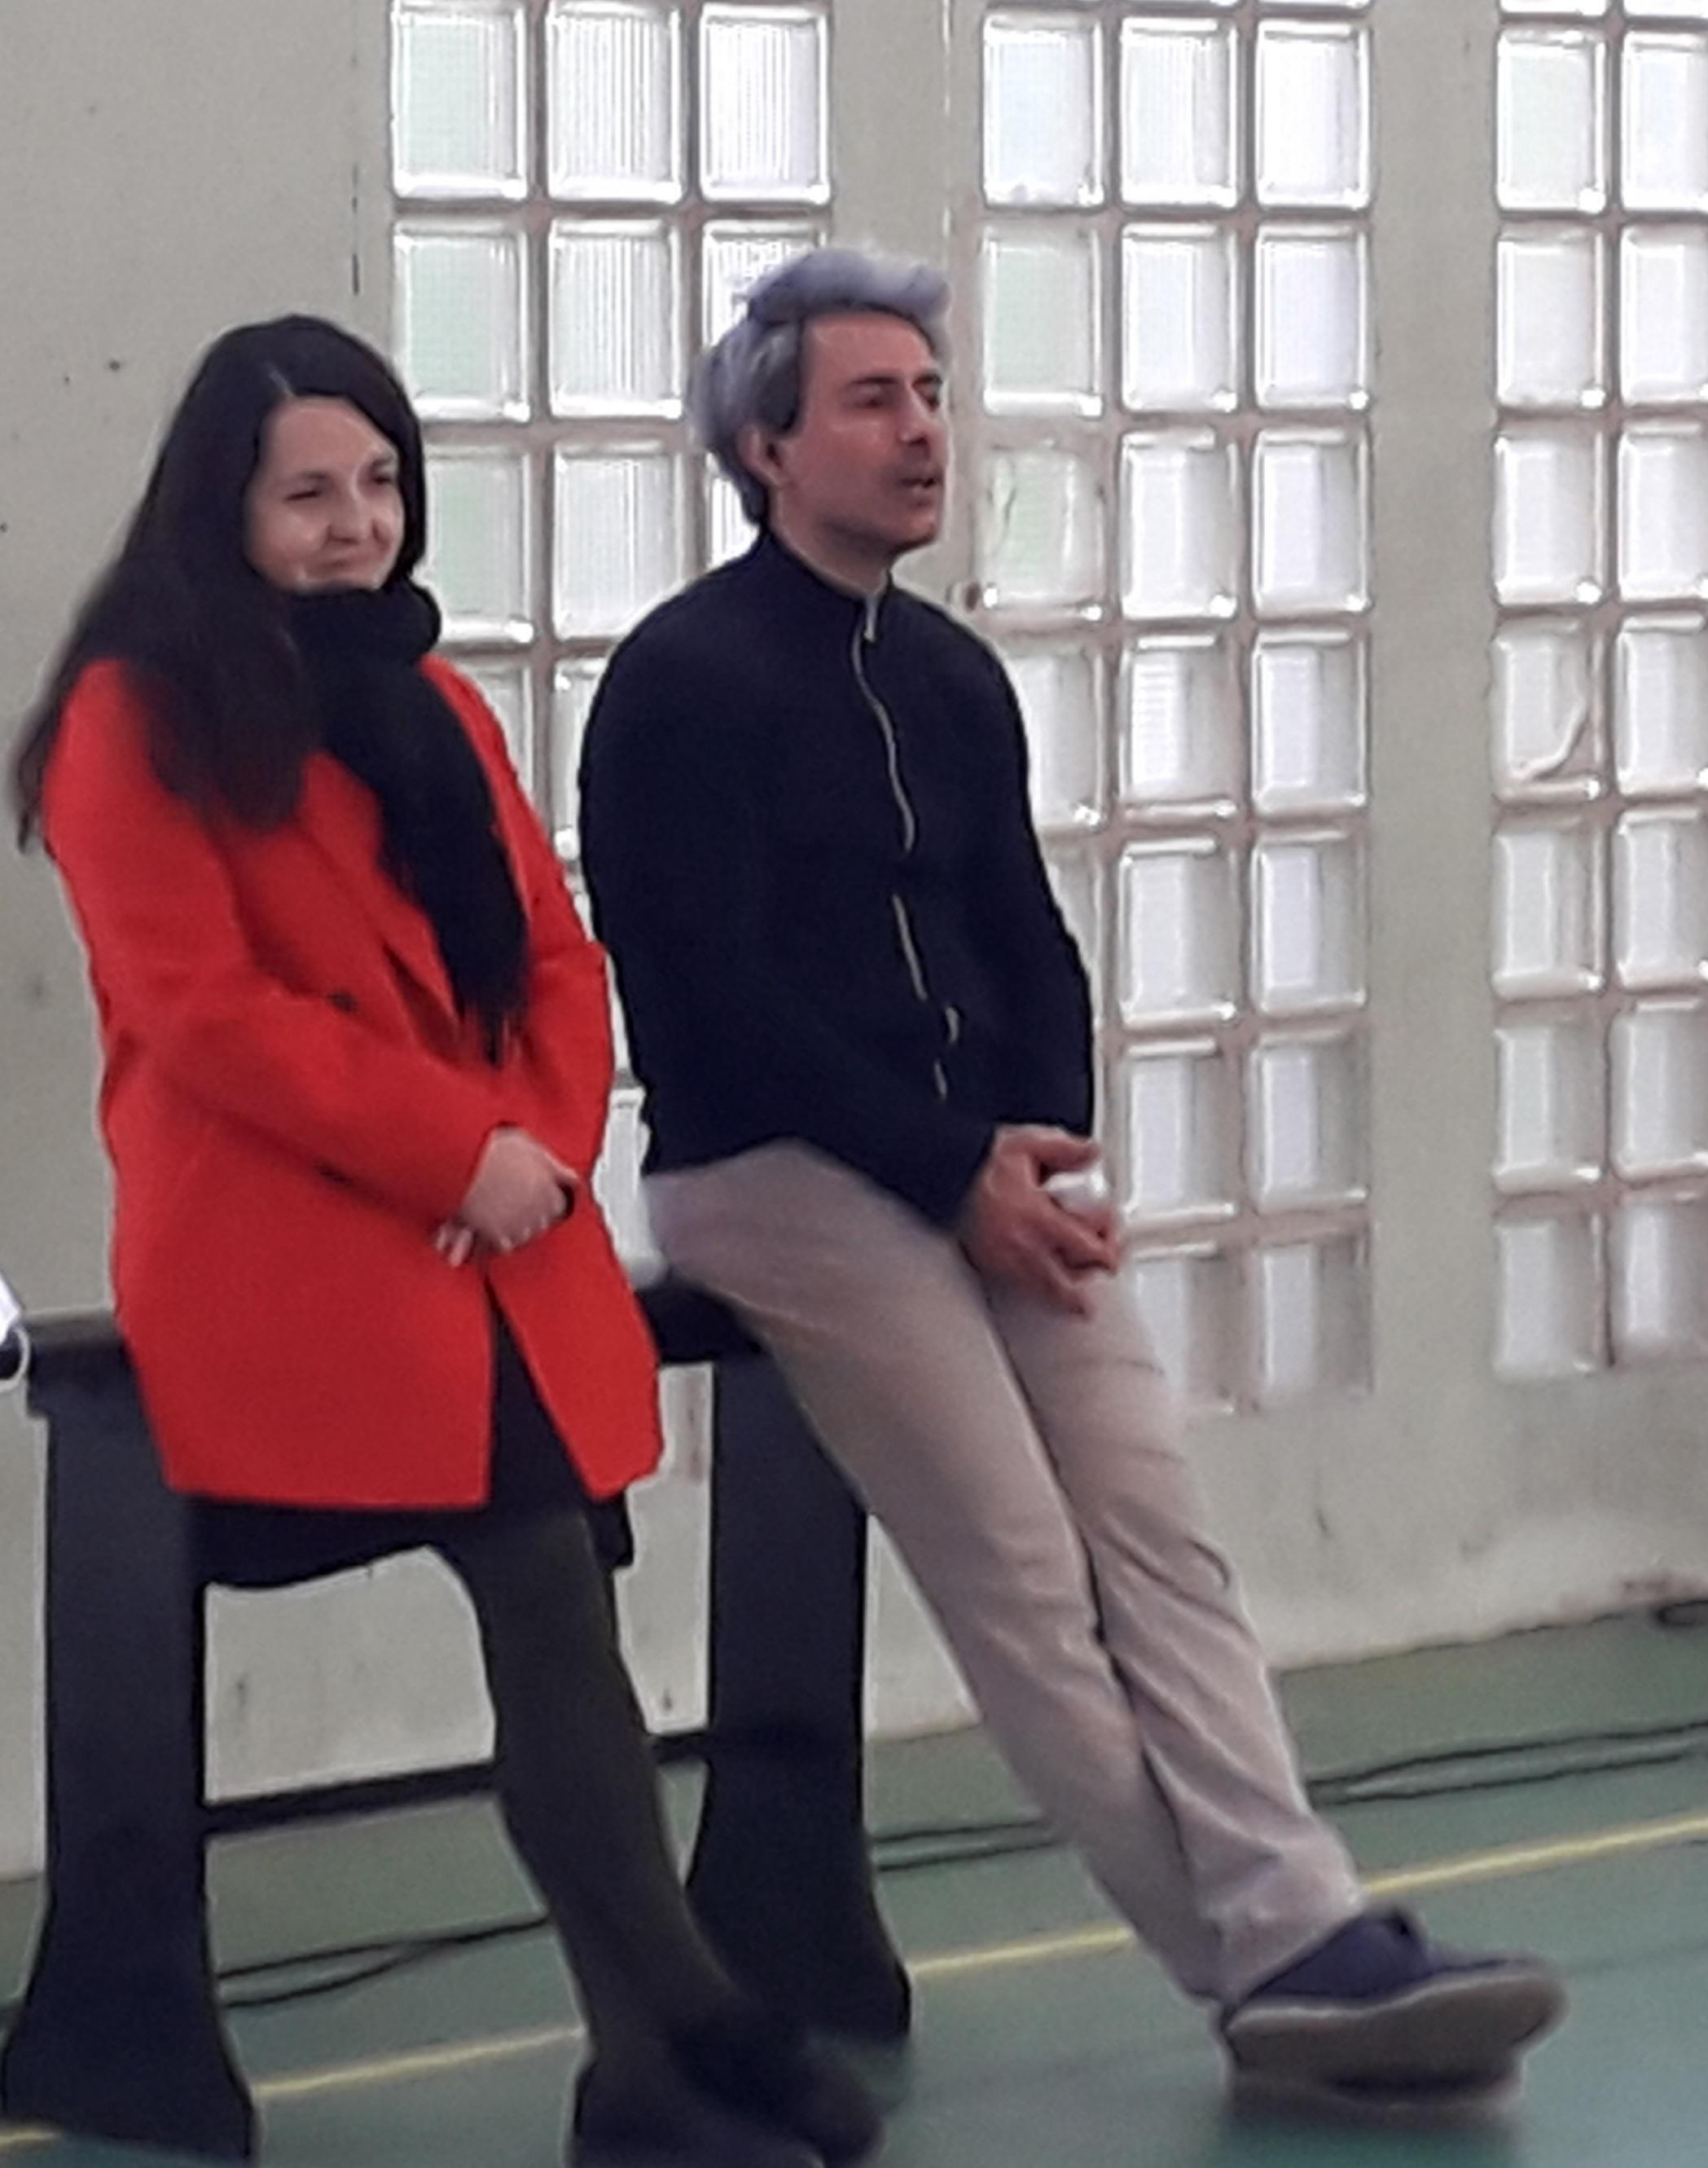 Benoit alias Pierre Moustique  et Amandinealias Odette  Boulet